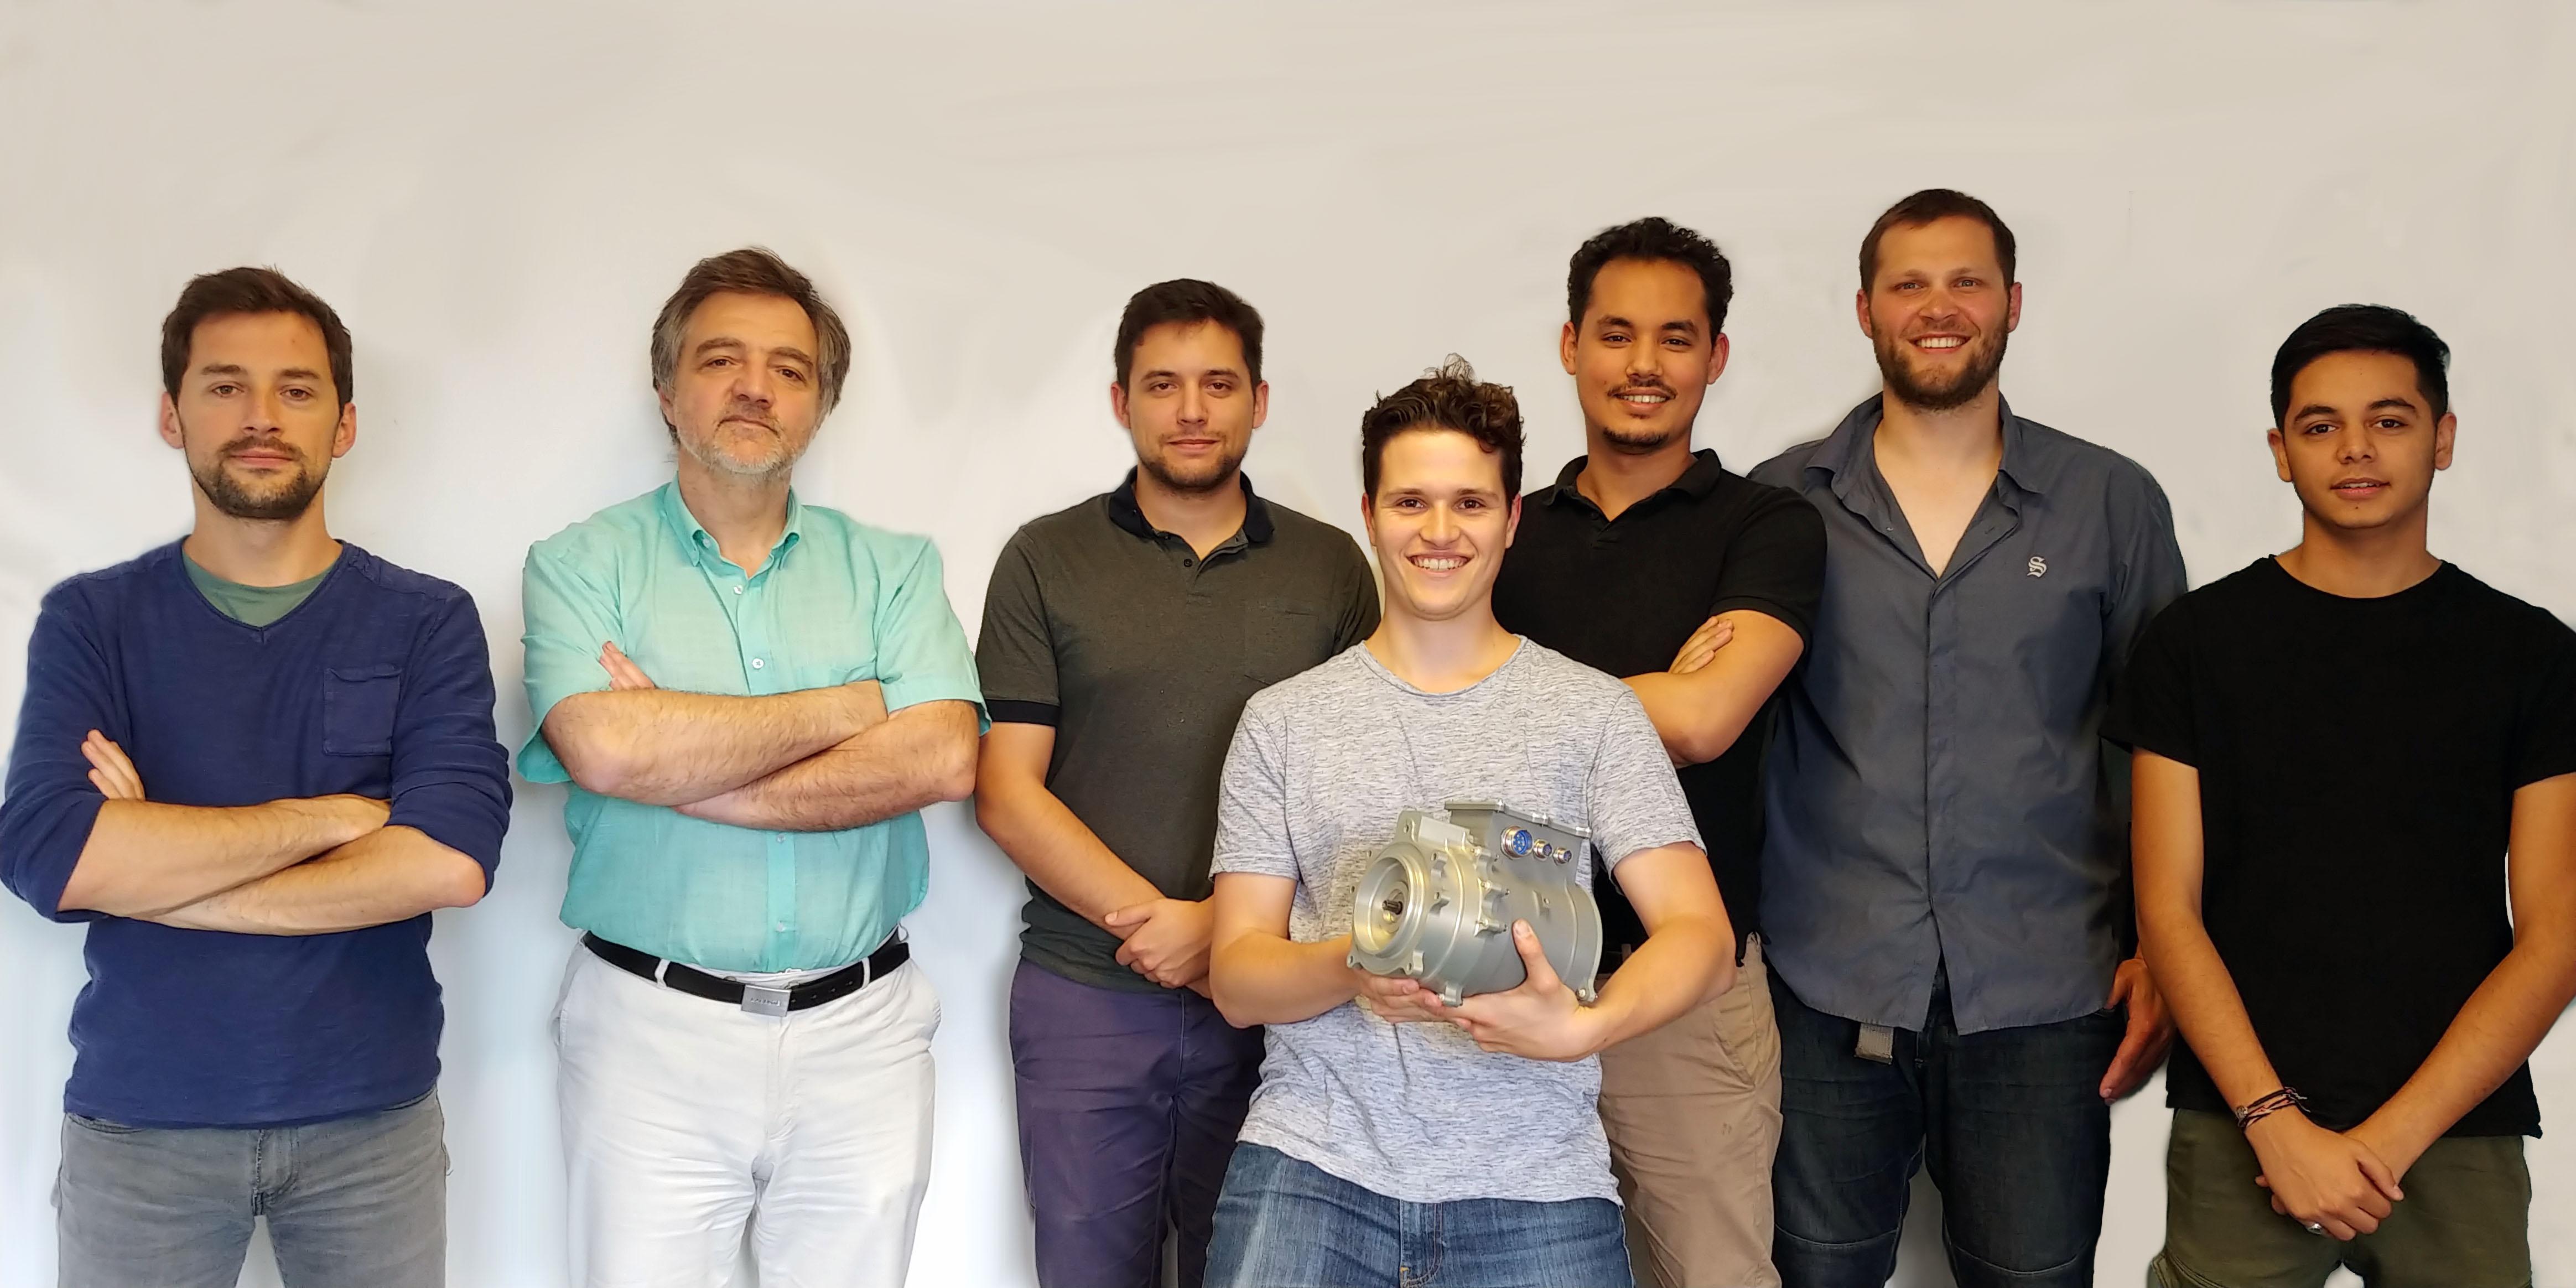 De gauche à droite : Ioav RAMOS, Bertrand NOGAREDE, Alexandre GIRAUD, Maxime NOMDEDEU avec un actionneur THSA (Trimmable Horizontal Stabilizer Actuator), Reda ABDOUH, Martin CRONEL, Kaviraj BABOULAL (stagiaire en GEII)